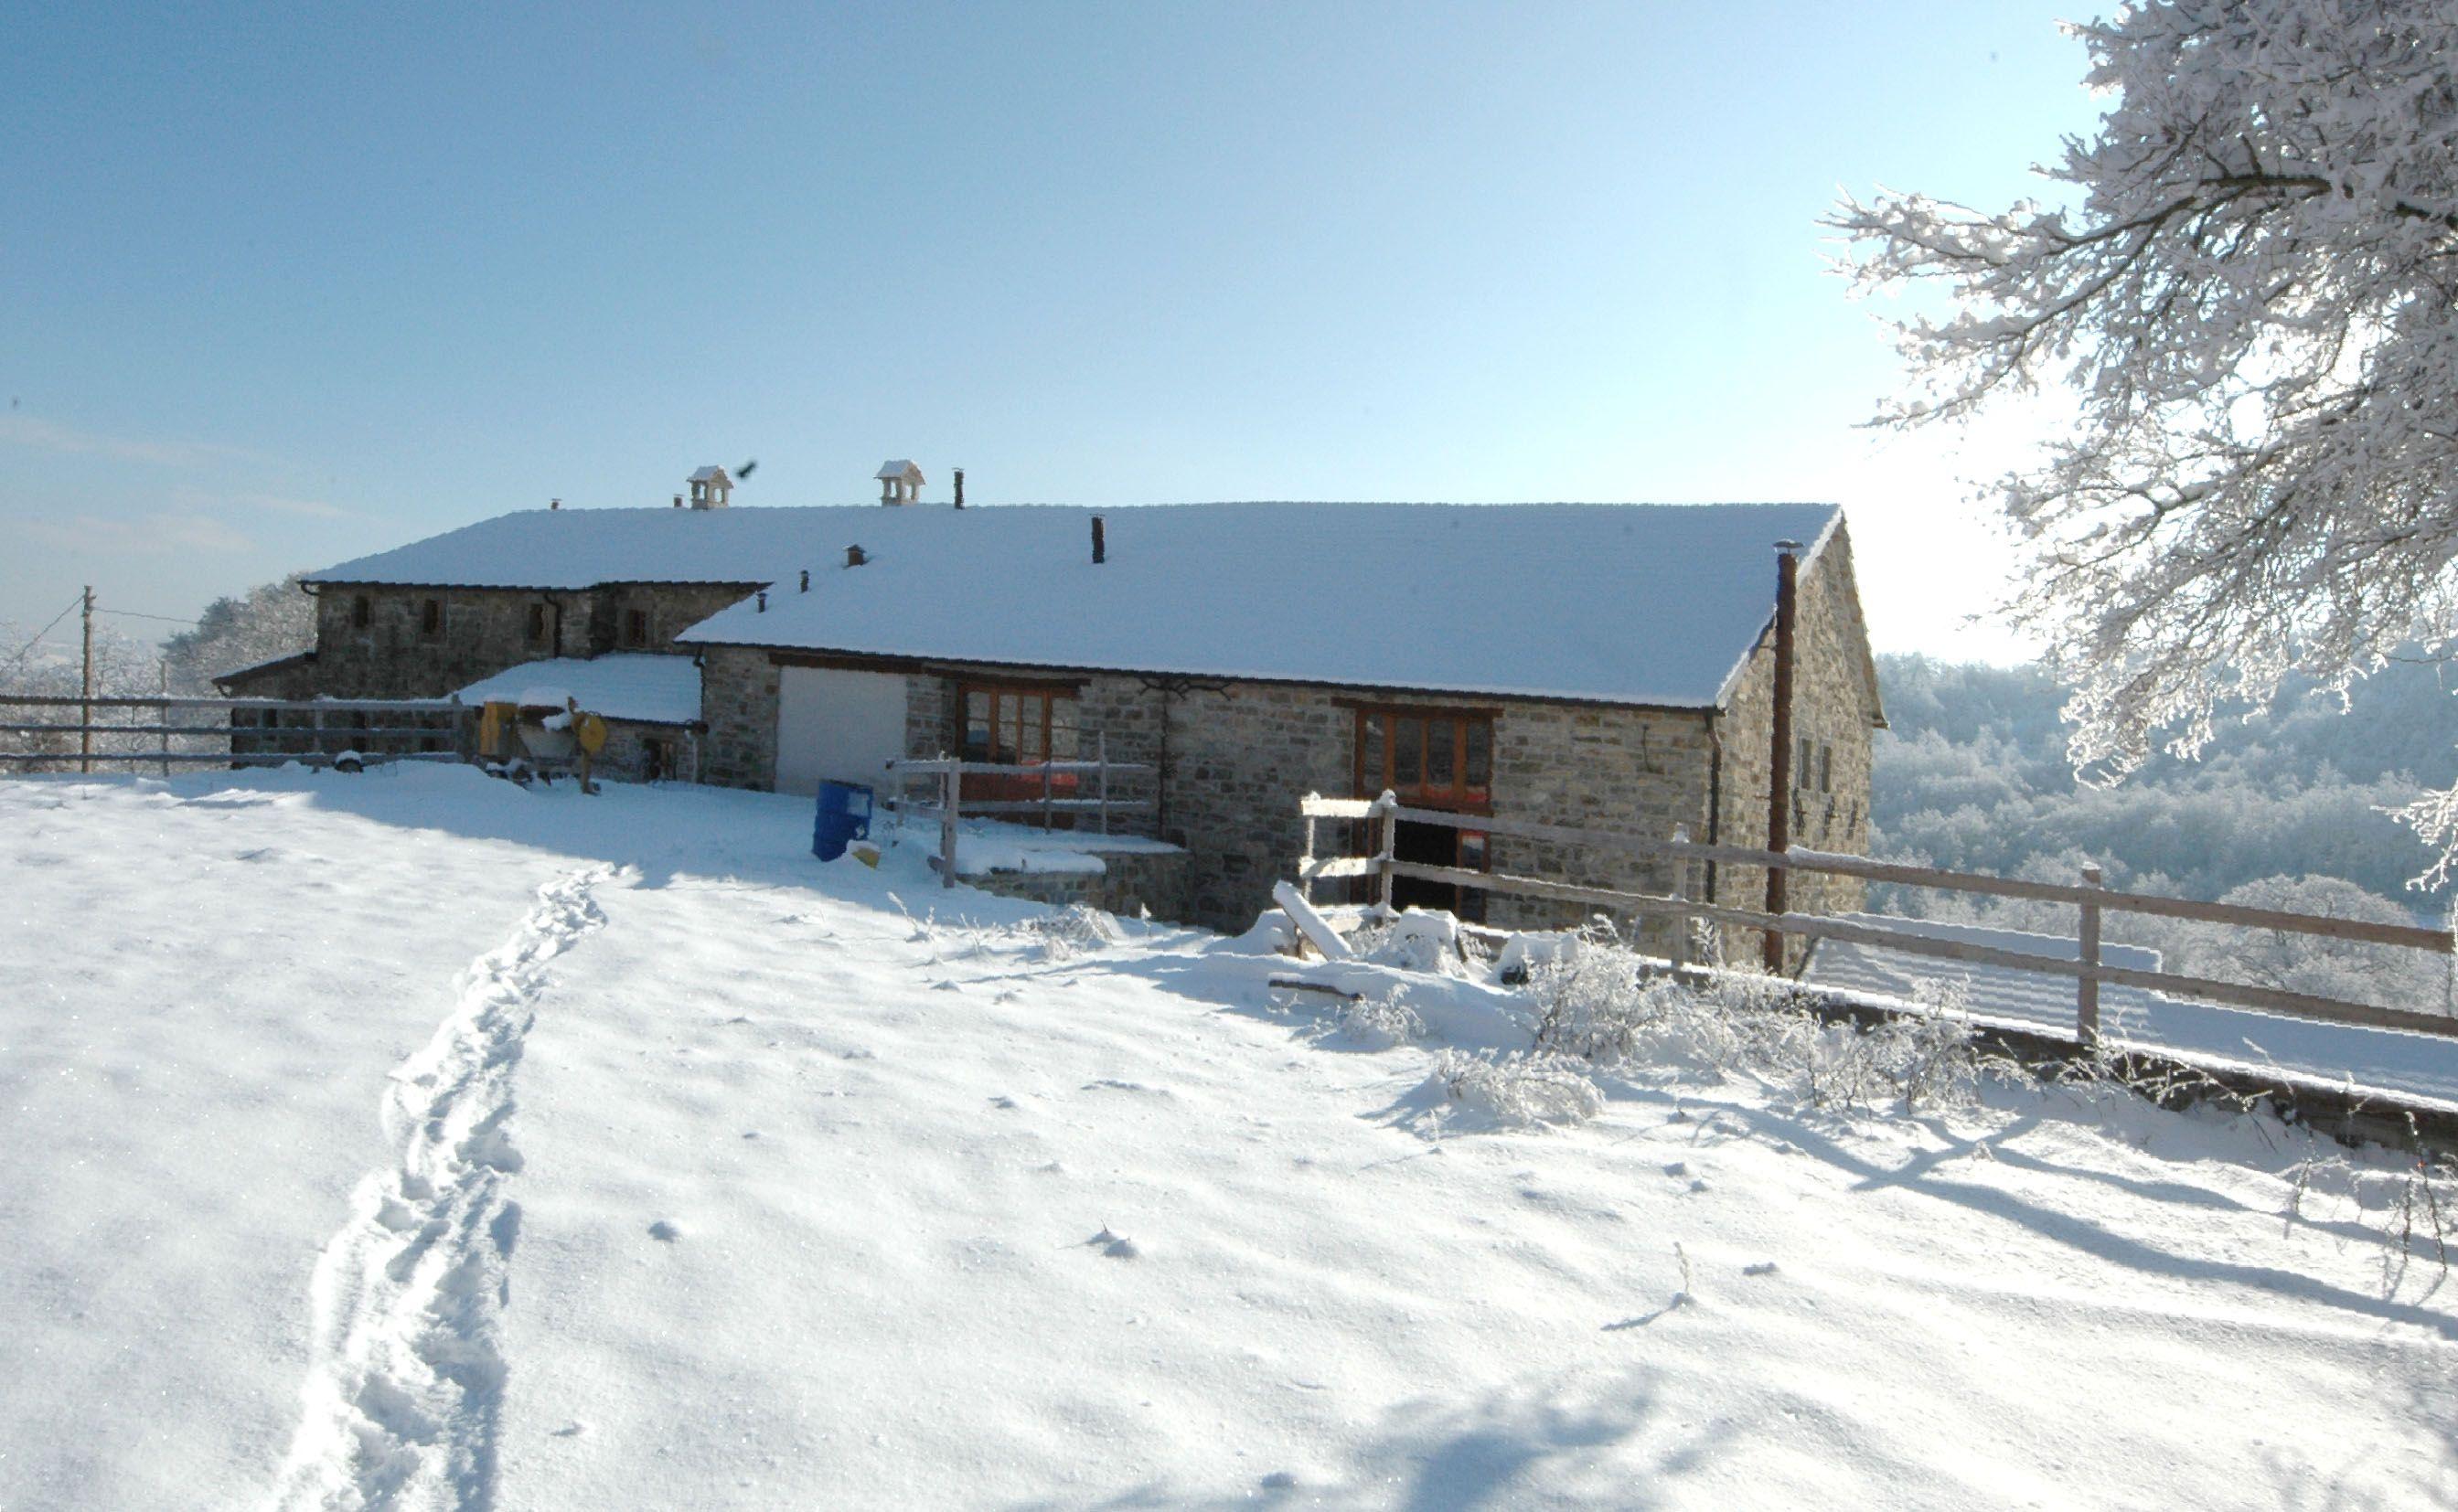 Ristrutturazione del nucleo ex rurale di Gualanciole_seconda fase dei lavori_dicembre 2009